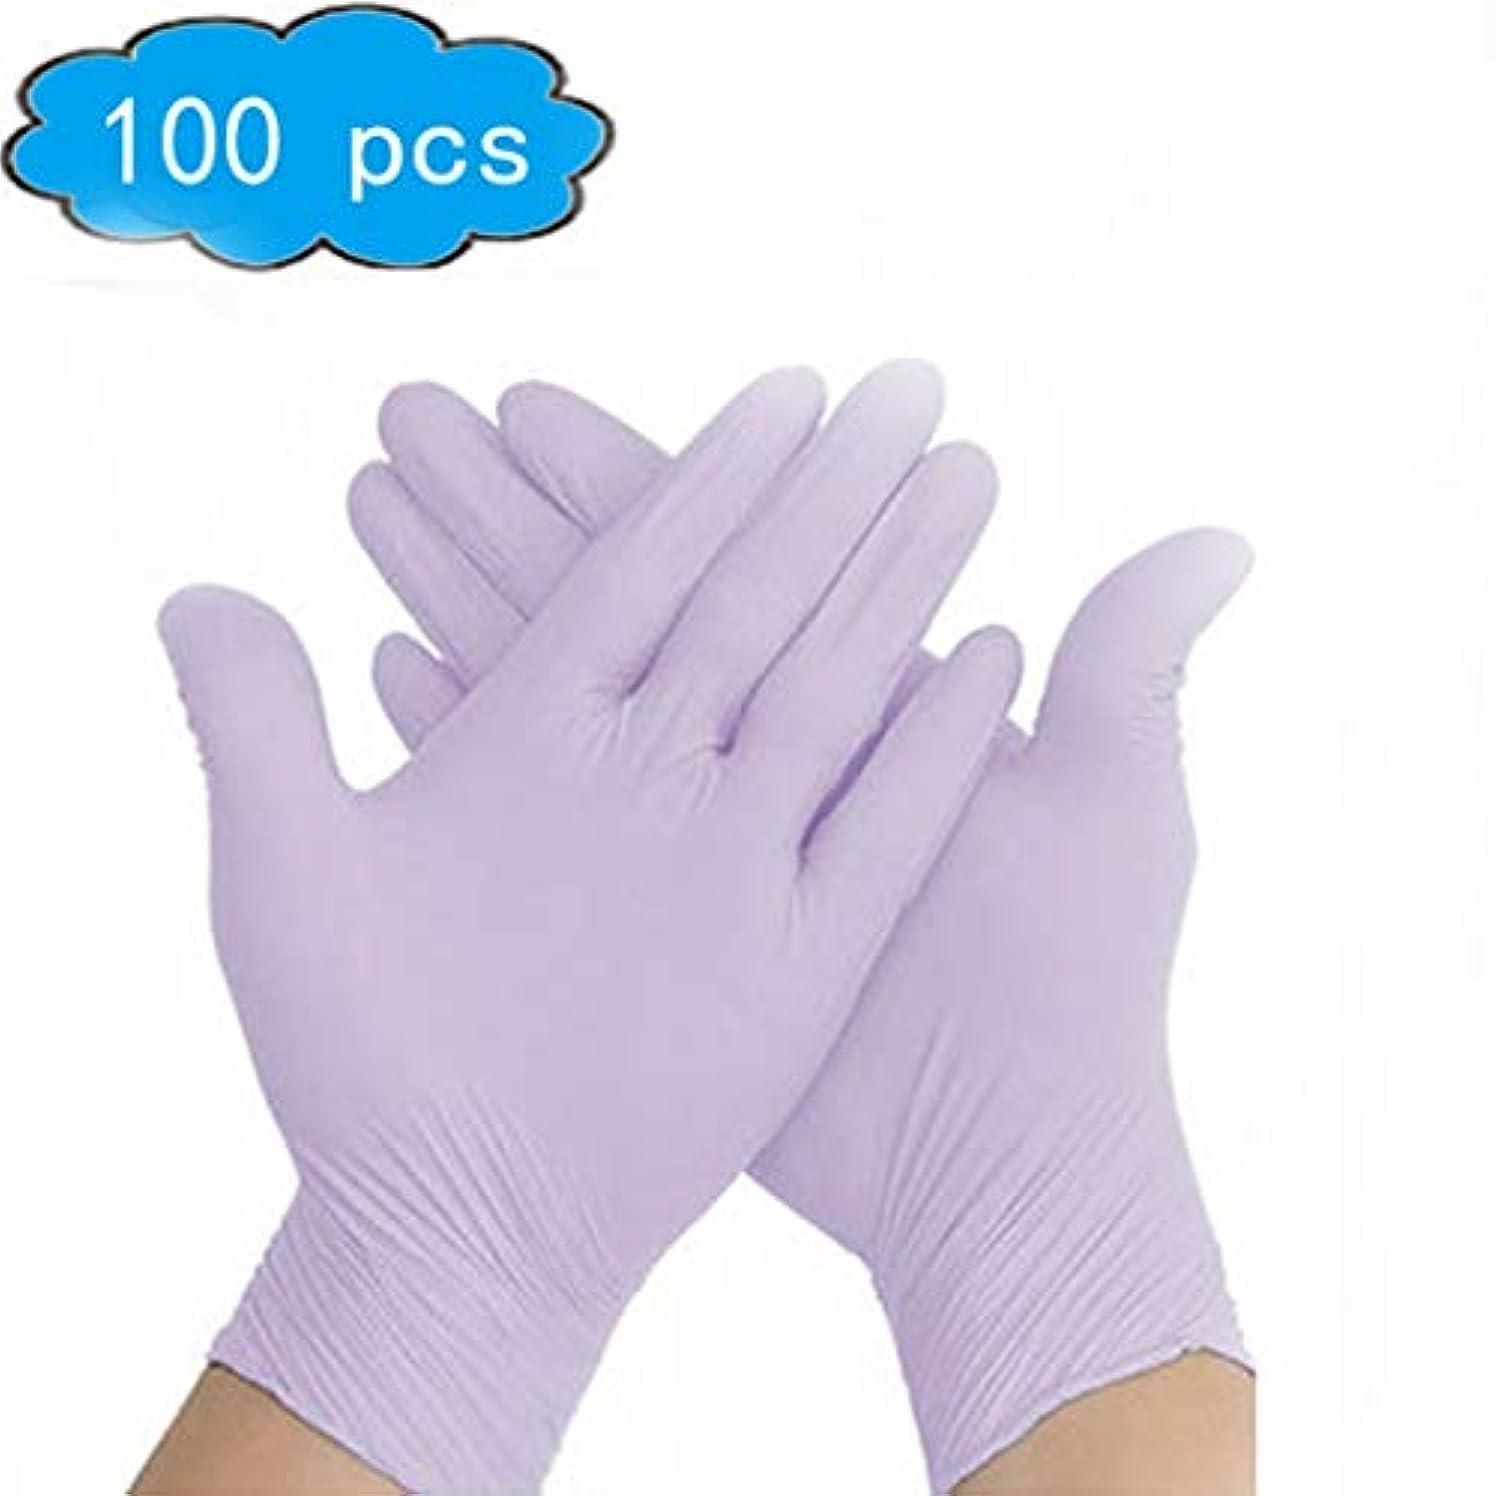 限り誇大妄想社説ニトリル手袋 - 医療用グレード、パウダーフリー、使い捨て、非滅菌、食品安全、テクスチャード加工、紫色、便利なディスペンサーパッケージ100、中サイズ、サニタリー手袋 (Color : Purple, Size : L)